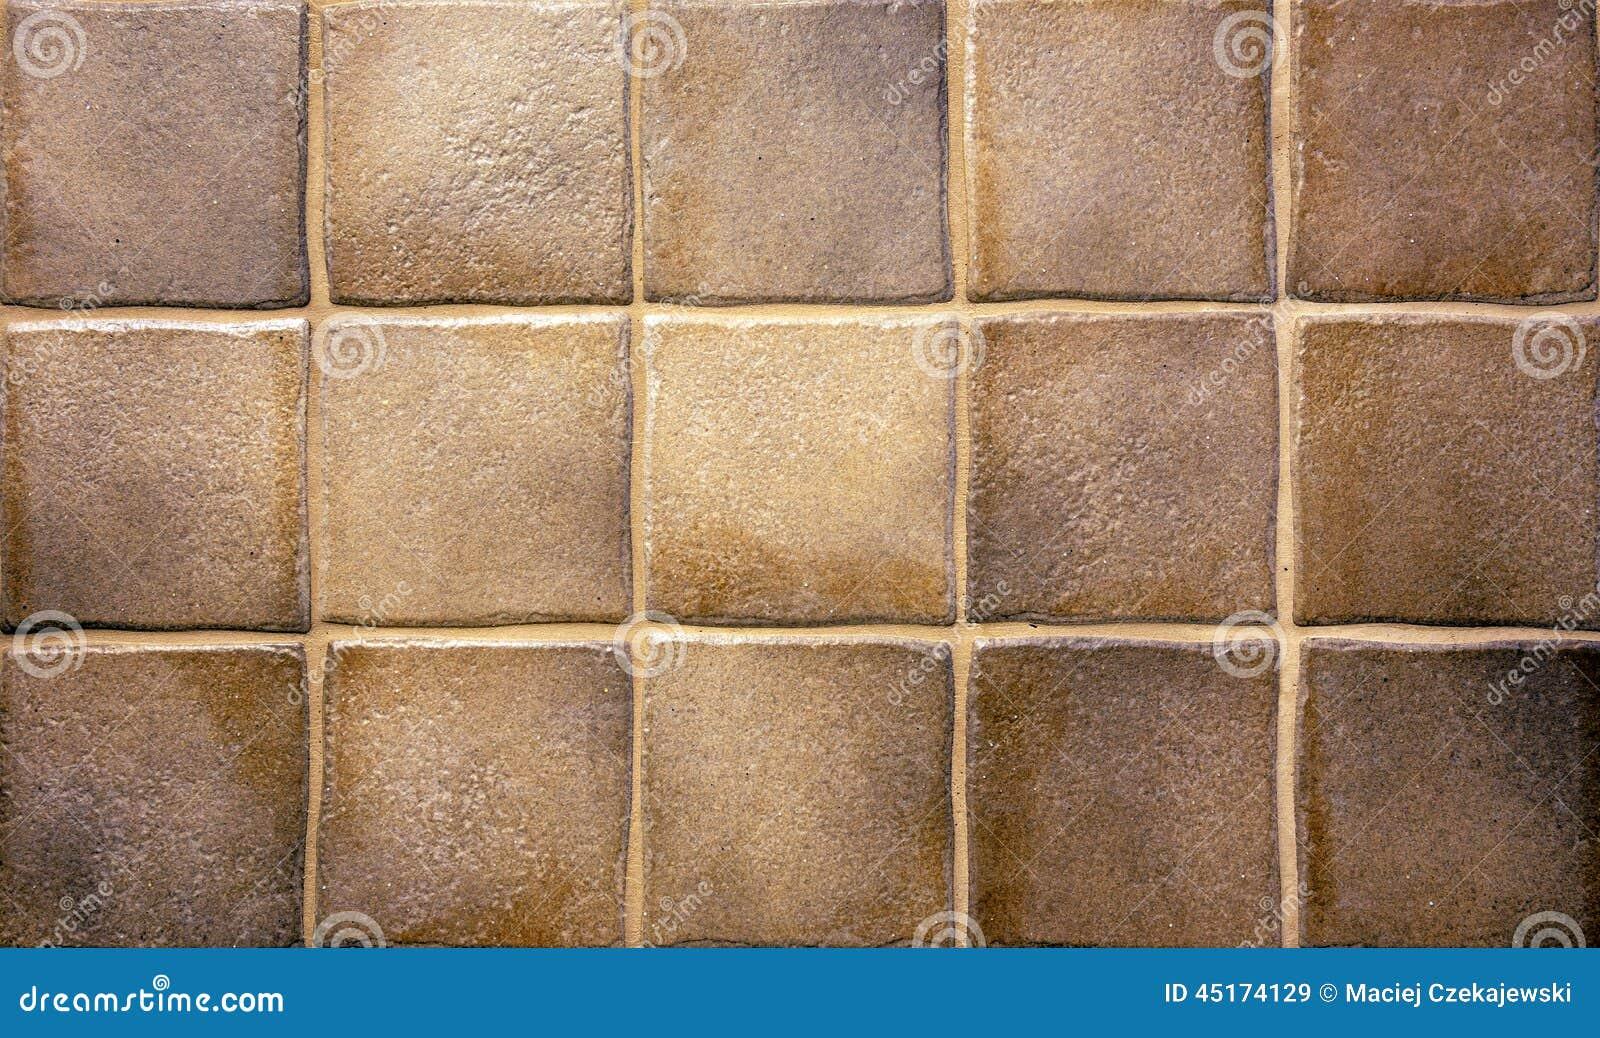 keukentegels met afbeeldingen : Bruine Keukentegels Stock Afbeelding Afbeelding Bestaande Uit